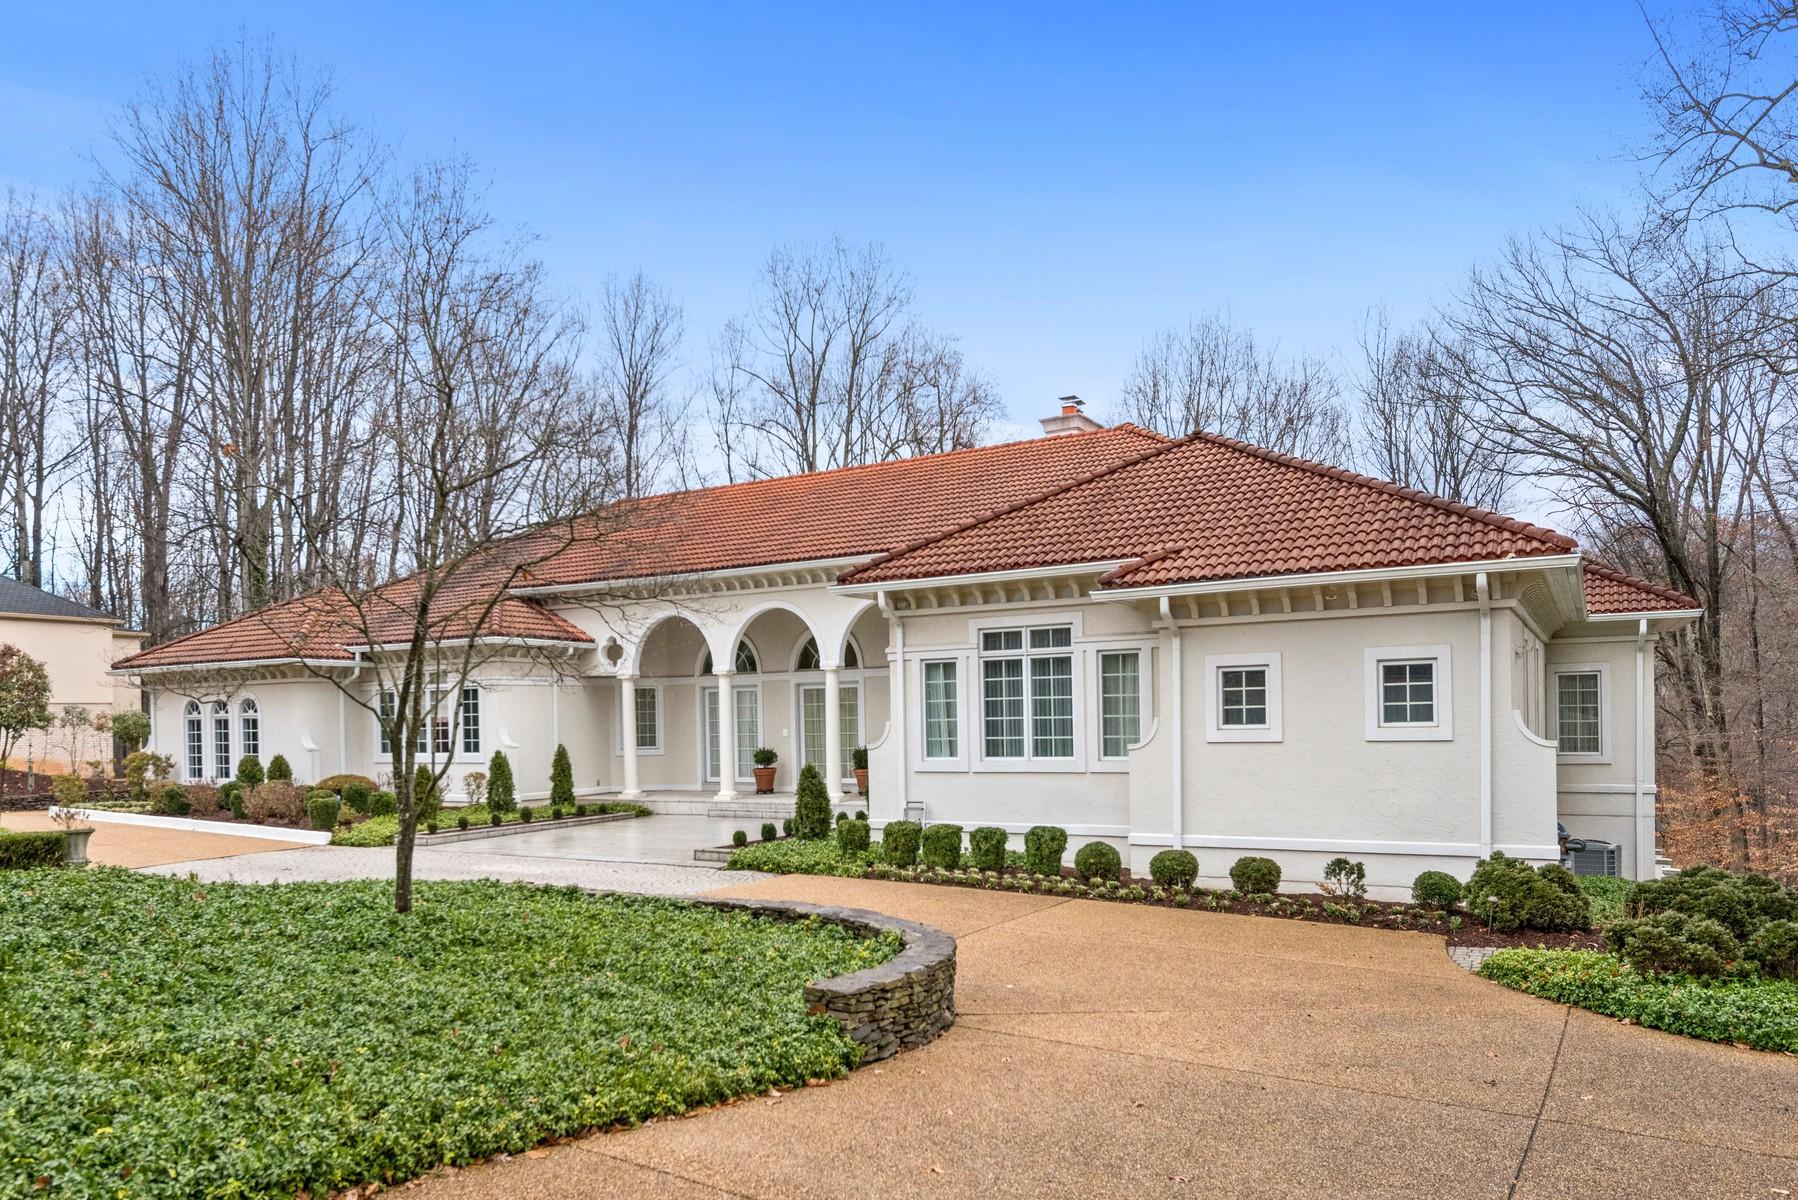 Maison unifamiliale pour l Vente à 1336 Potomac School Road, Mclean 1336 Potomac School Rd McLean, Virginia, 22101 États-Unis